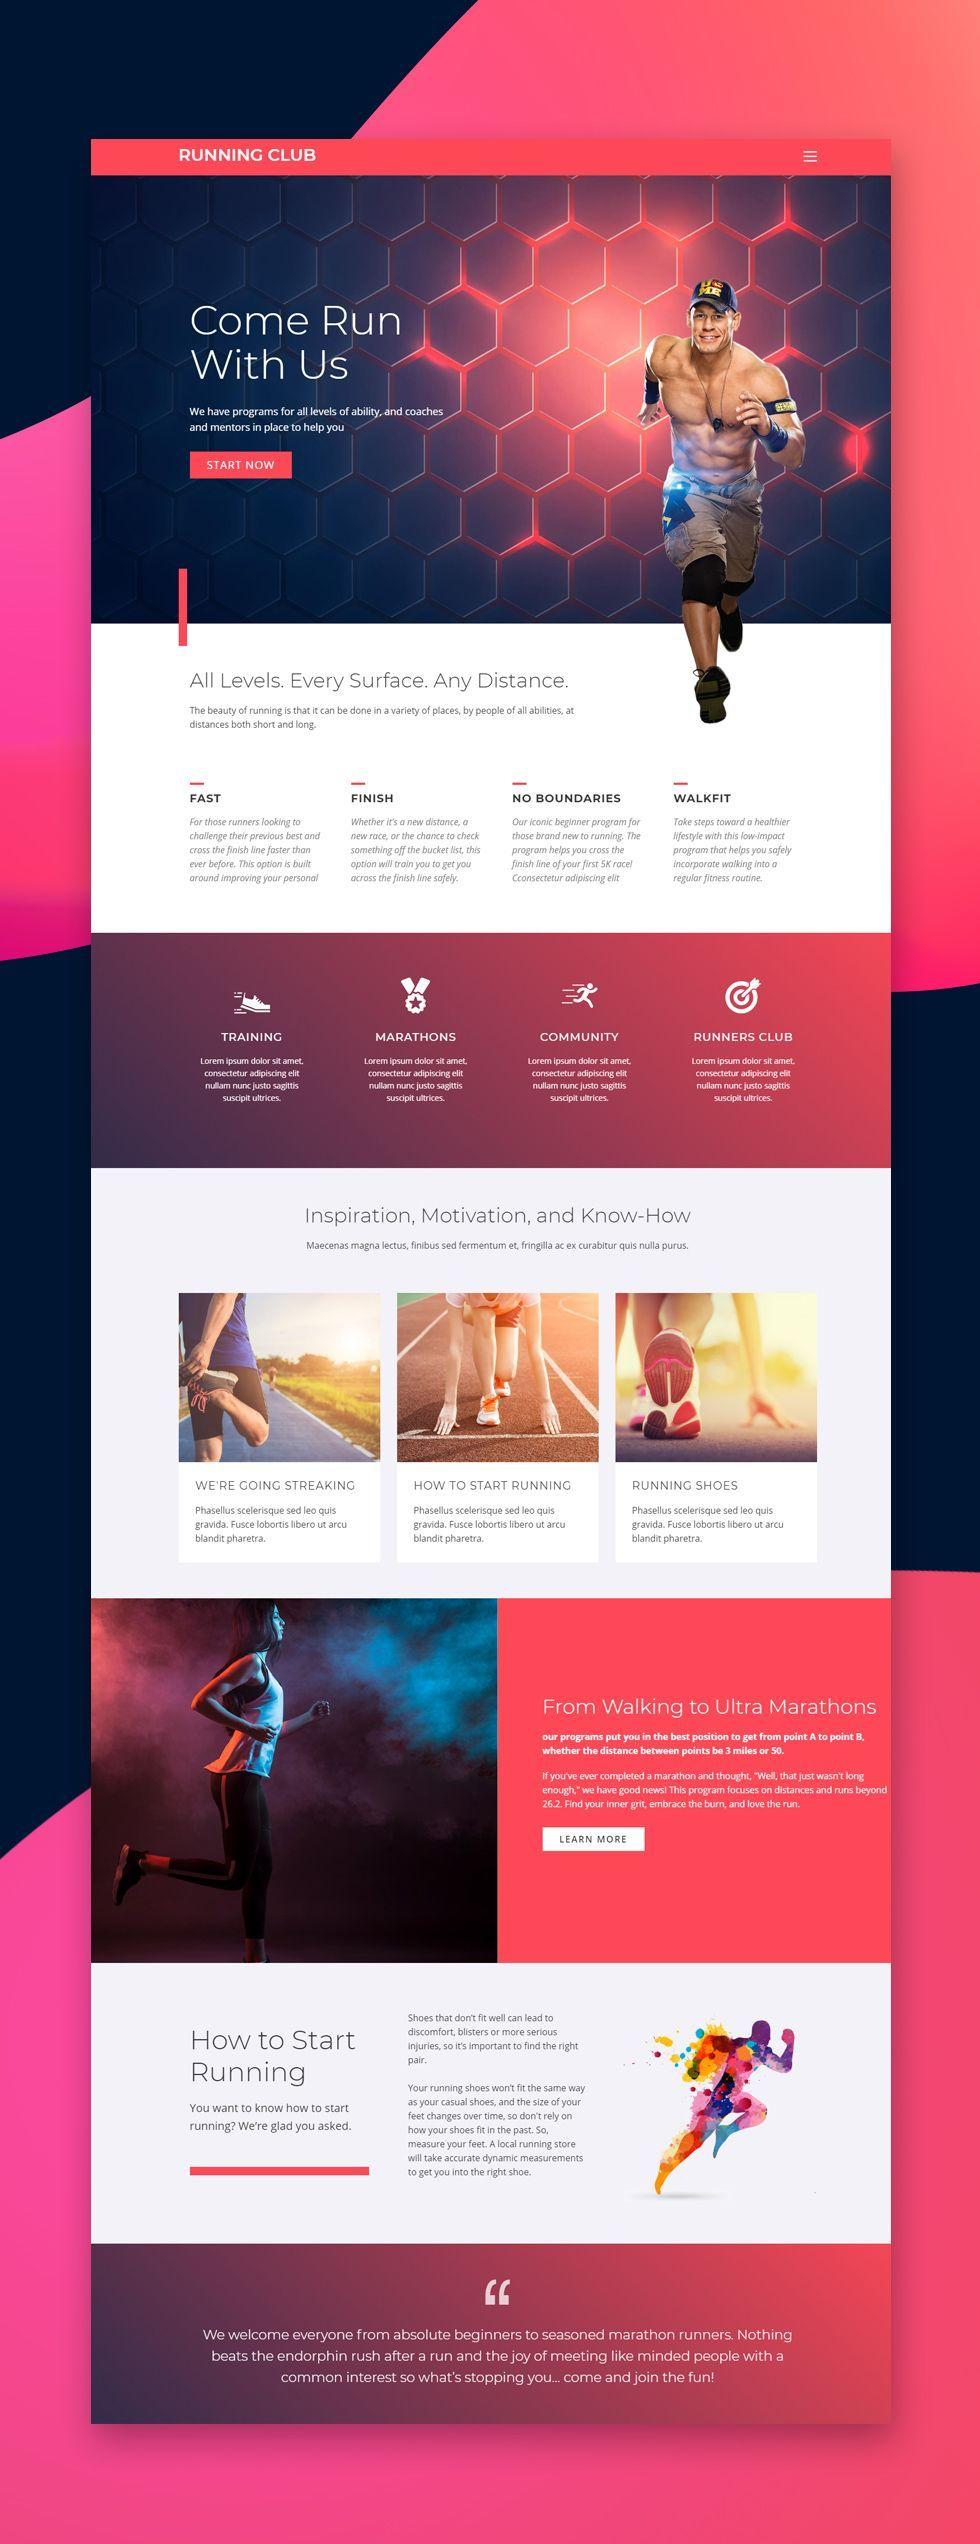 Nicepage Free Template Nicepage Is A Free Mobile Friendly Website Builder Choose Fr Diseño De Sitios Web Portafolio De Diseño Web Disposición De Diseño Web